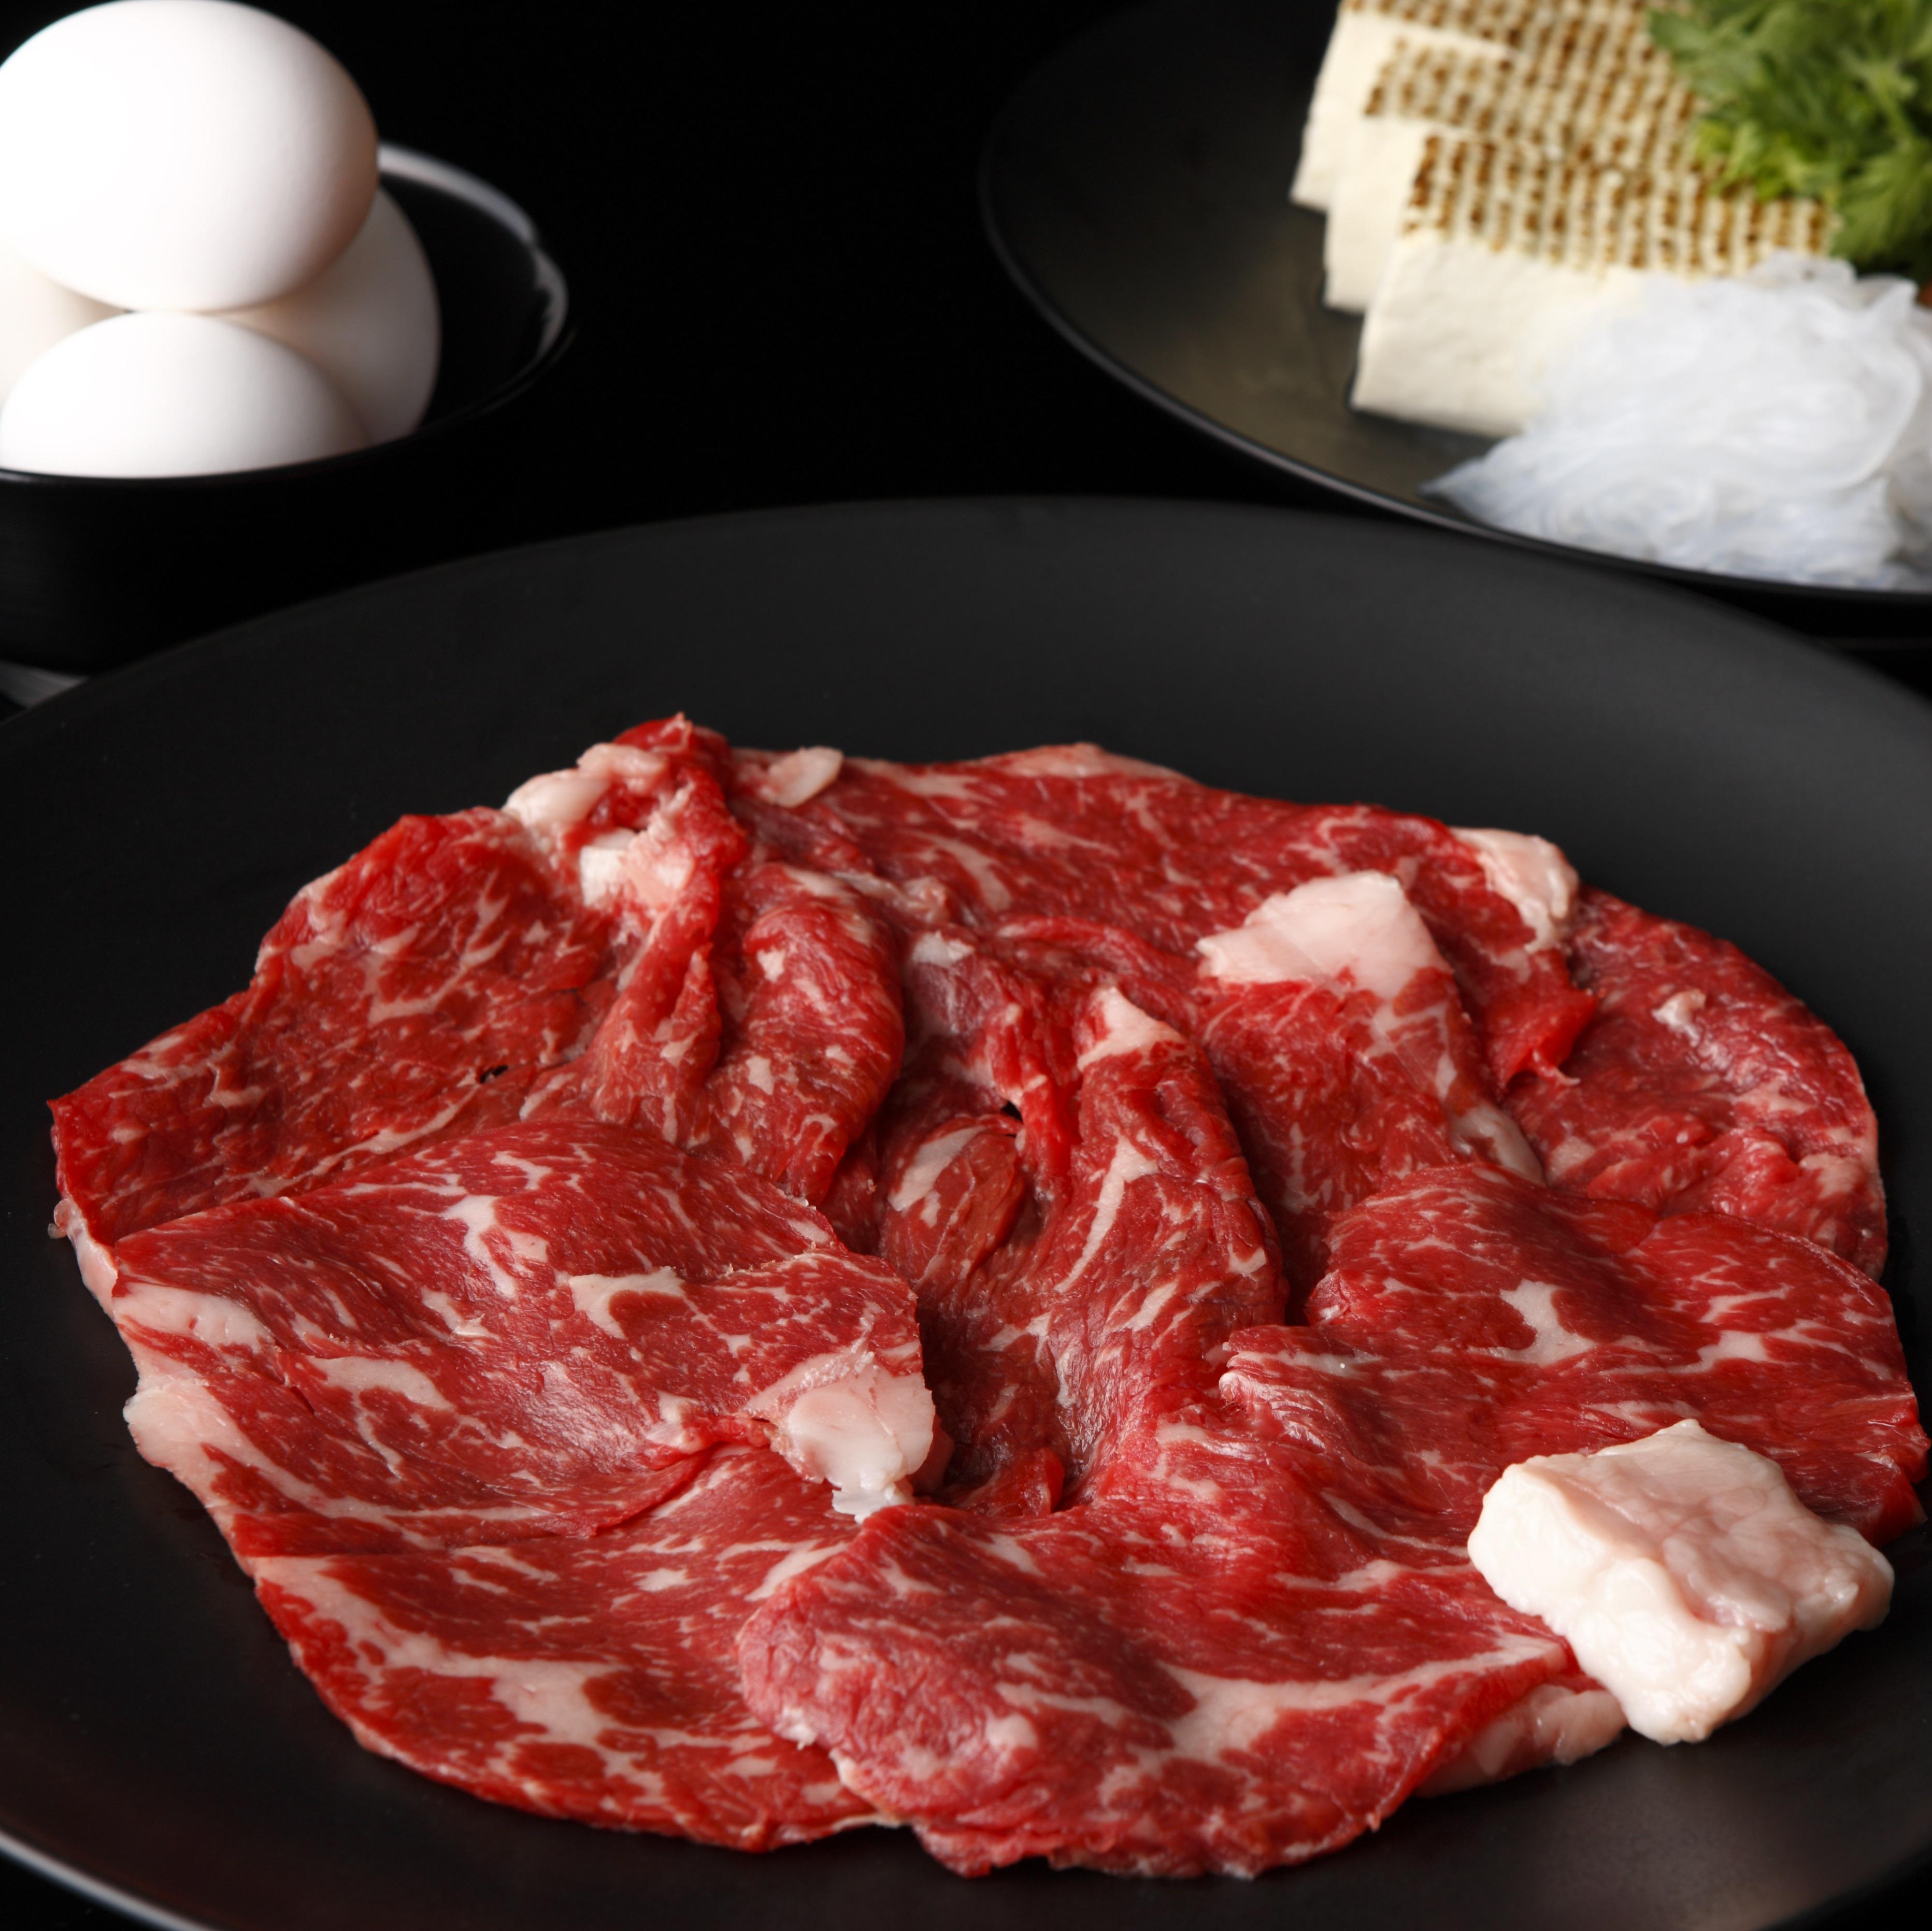 【北海道】宗谷黒牛モモすき焼き 500g